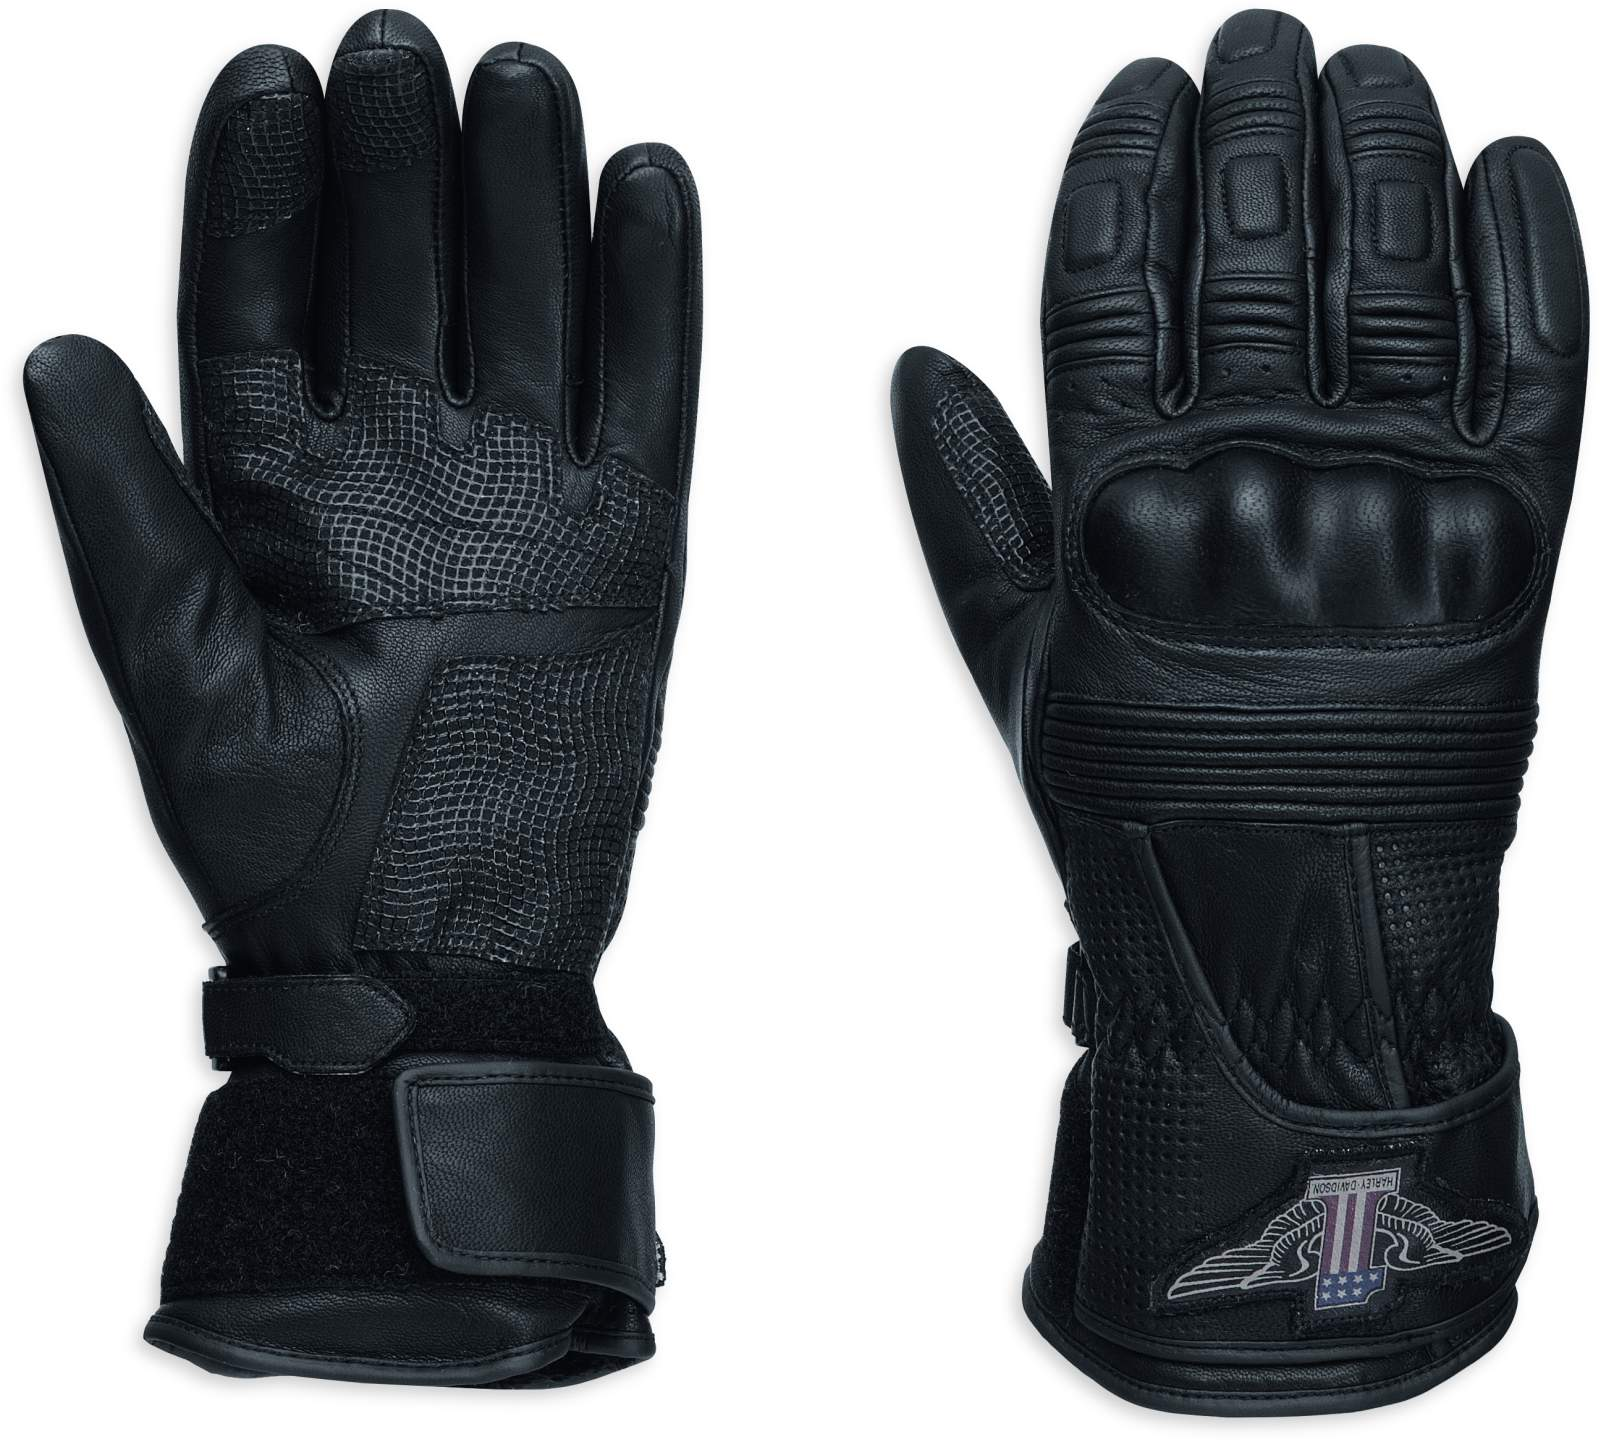 98361 17em harley davidson leder handschuhe 1 genuine. Black Bedroom Furniture Sets. Home Design Ideas